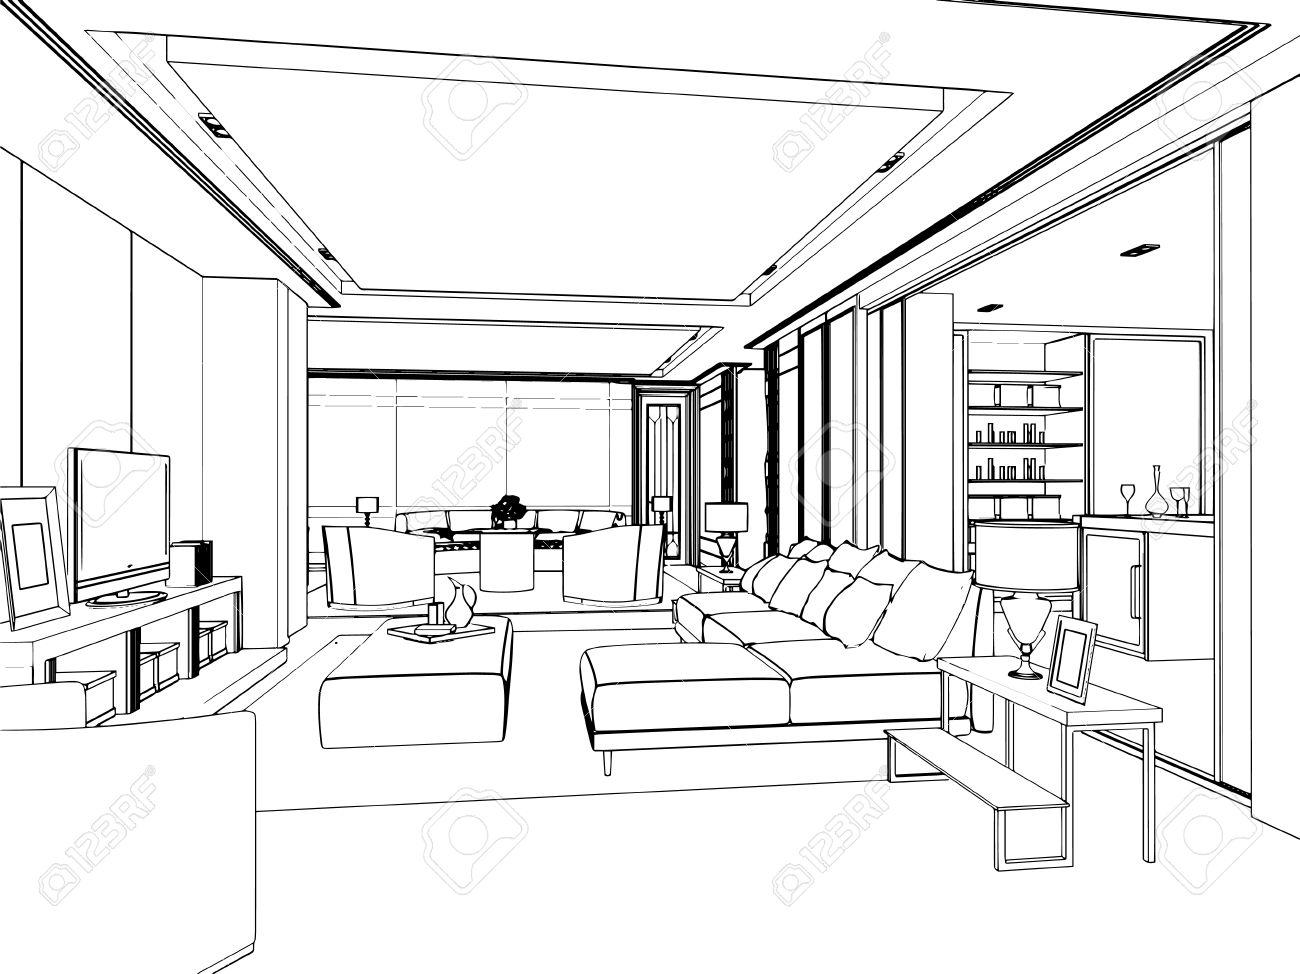 Interior Design Outline Sketch Of A Space